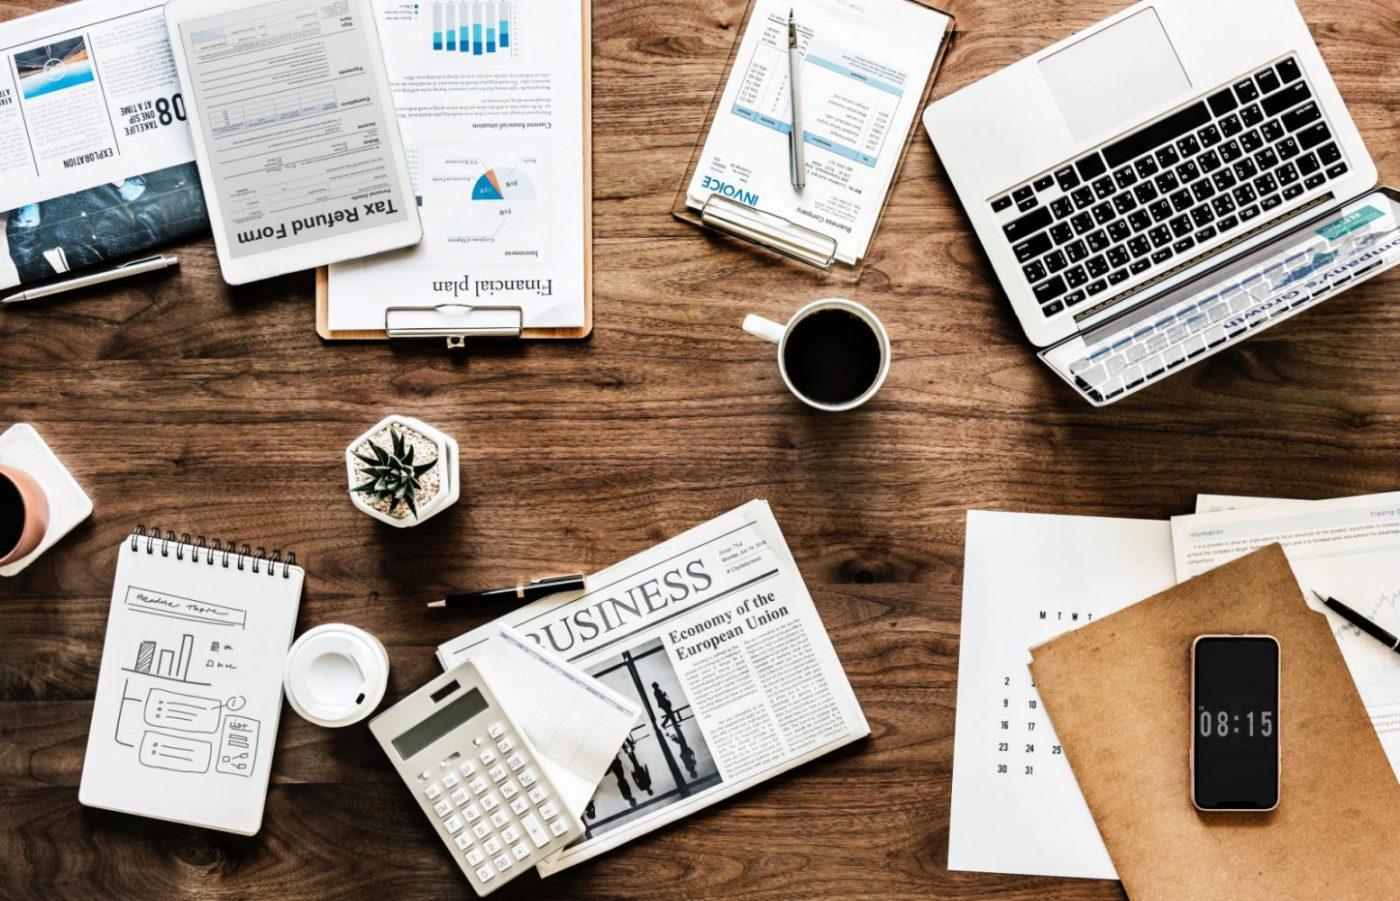 Notizie - Informazione - Analisi - Pianificazione Imc